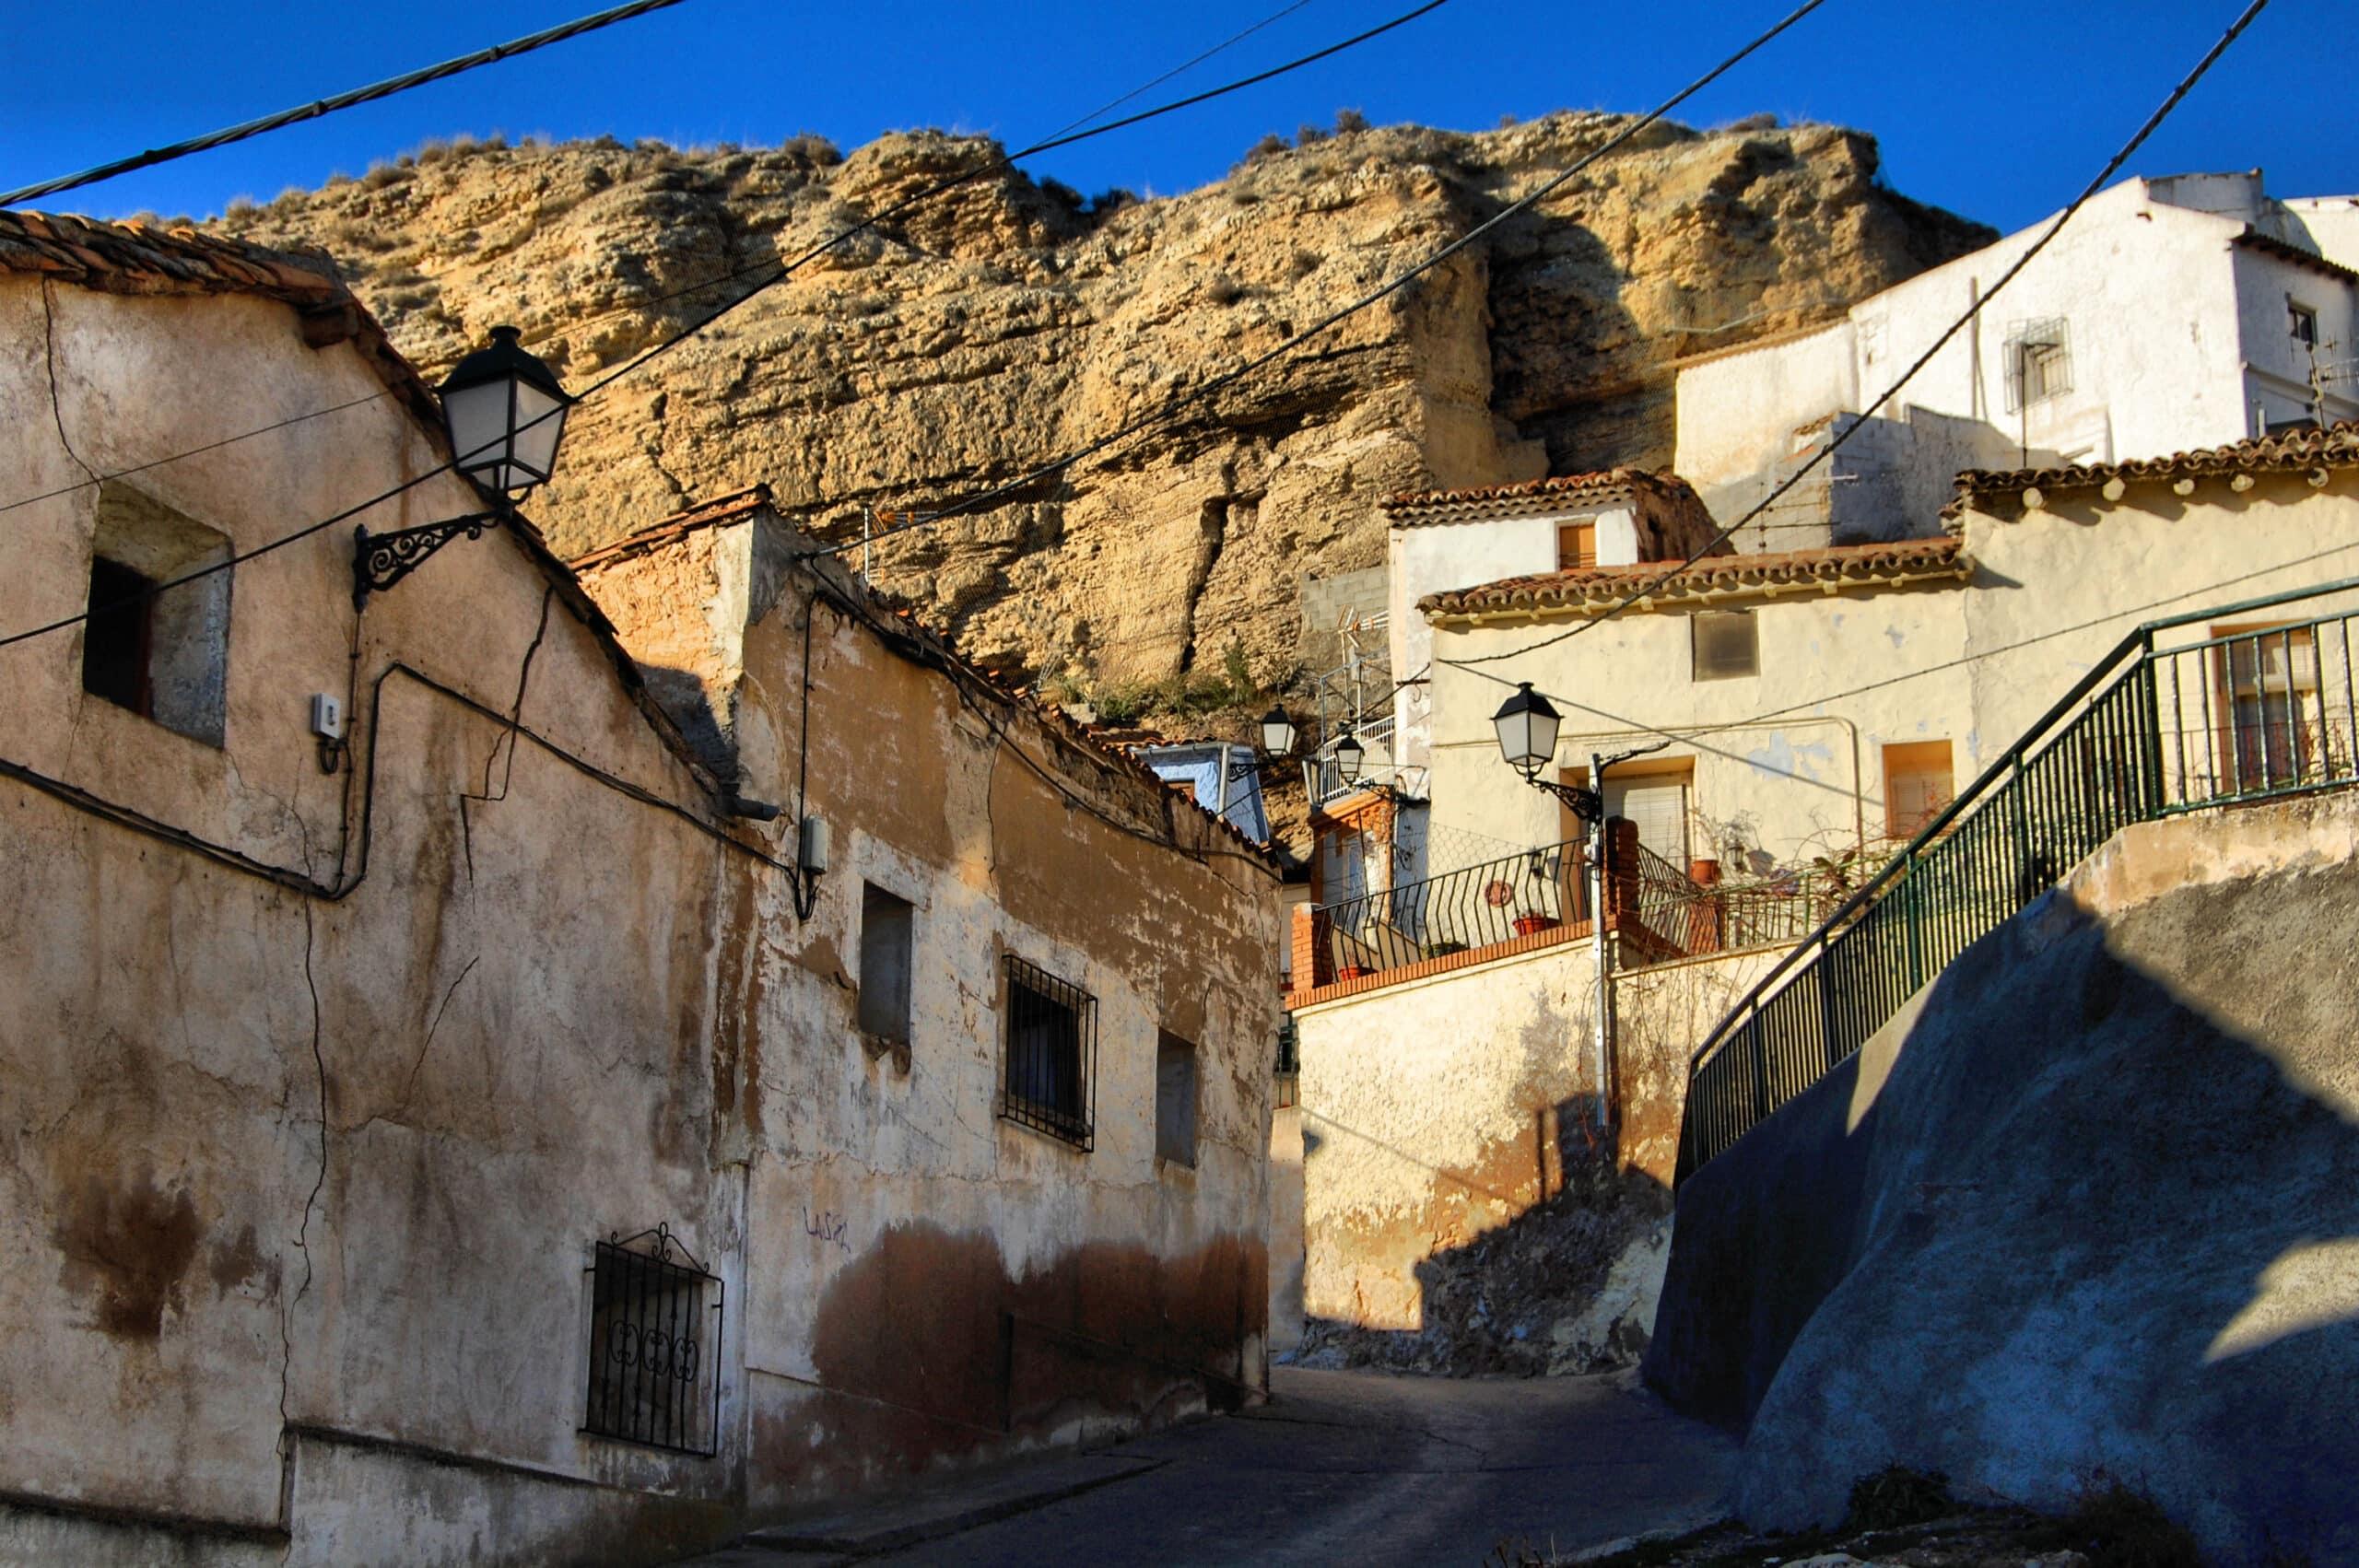 Mejores zonas donde alojarse en Calatayud - Centro Histórico